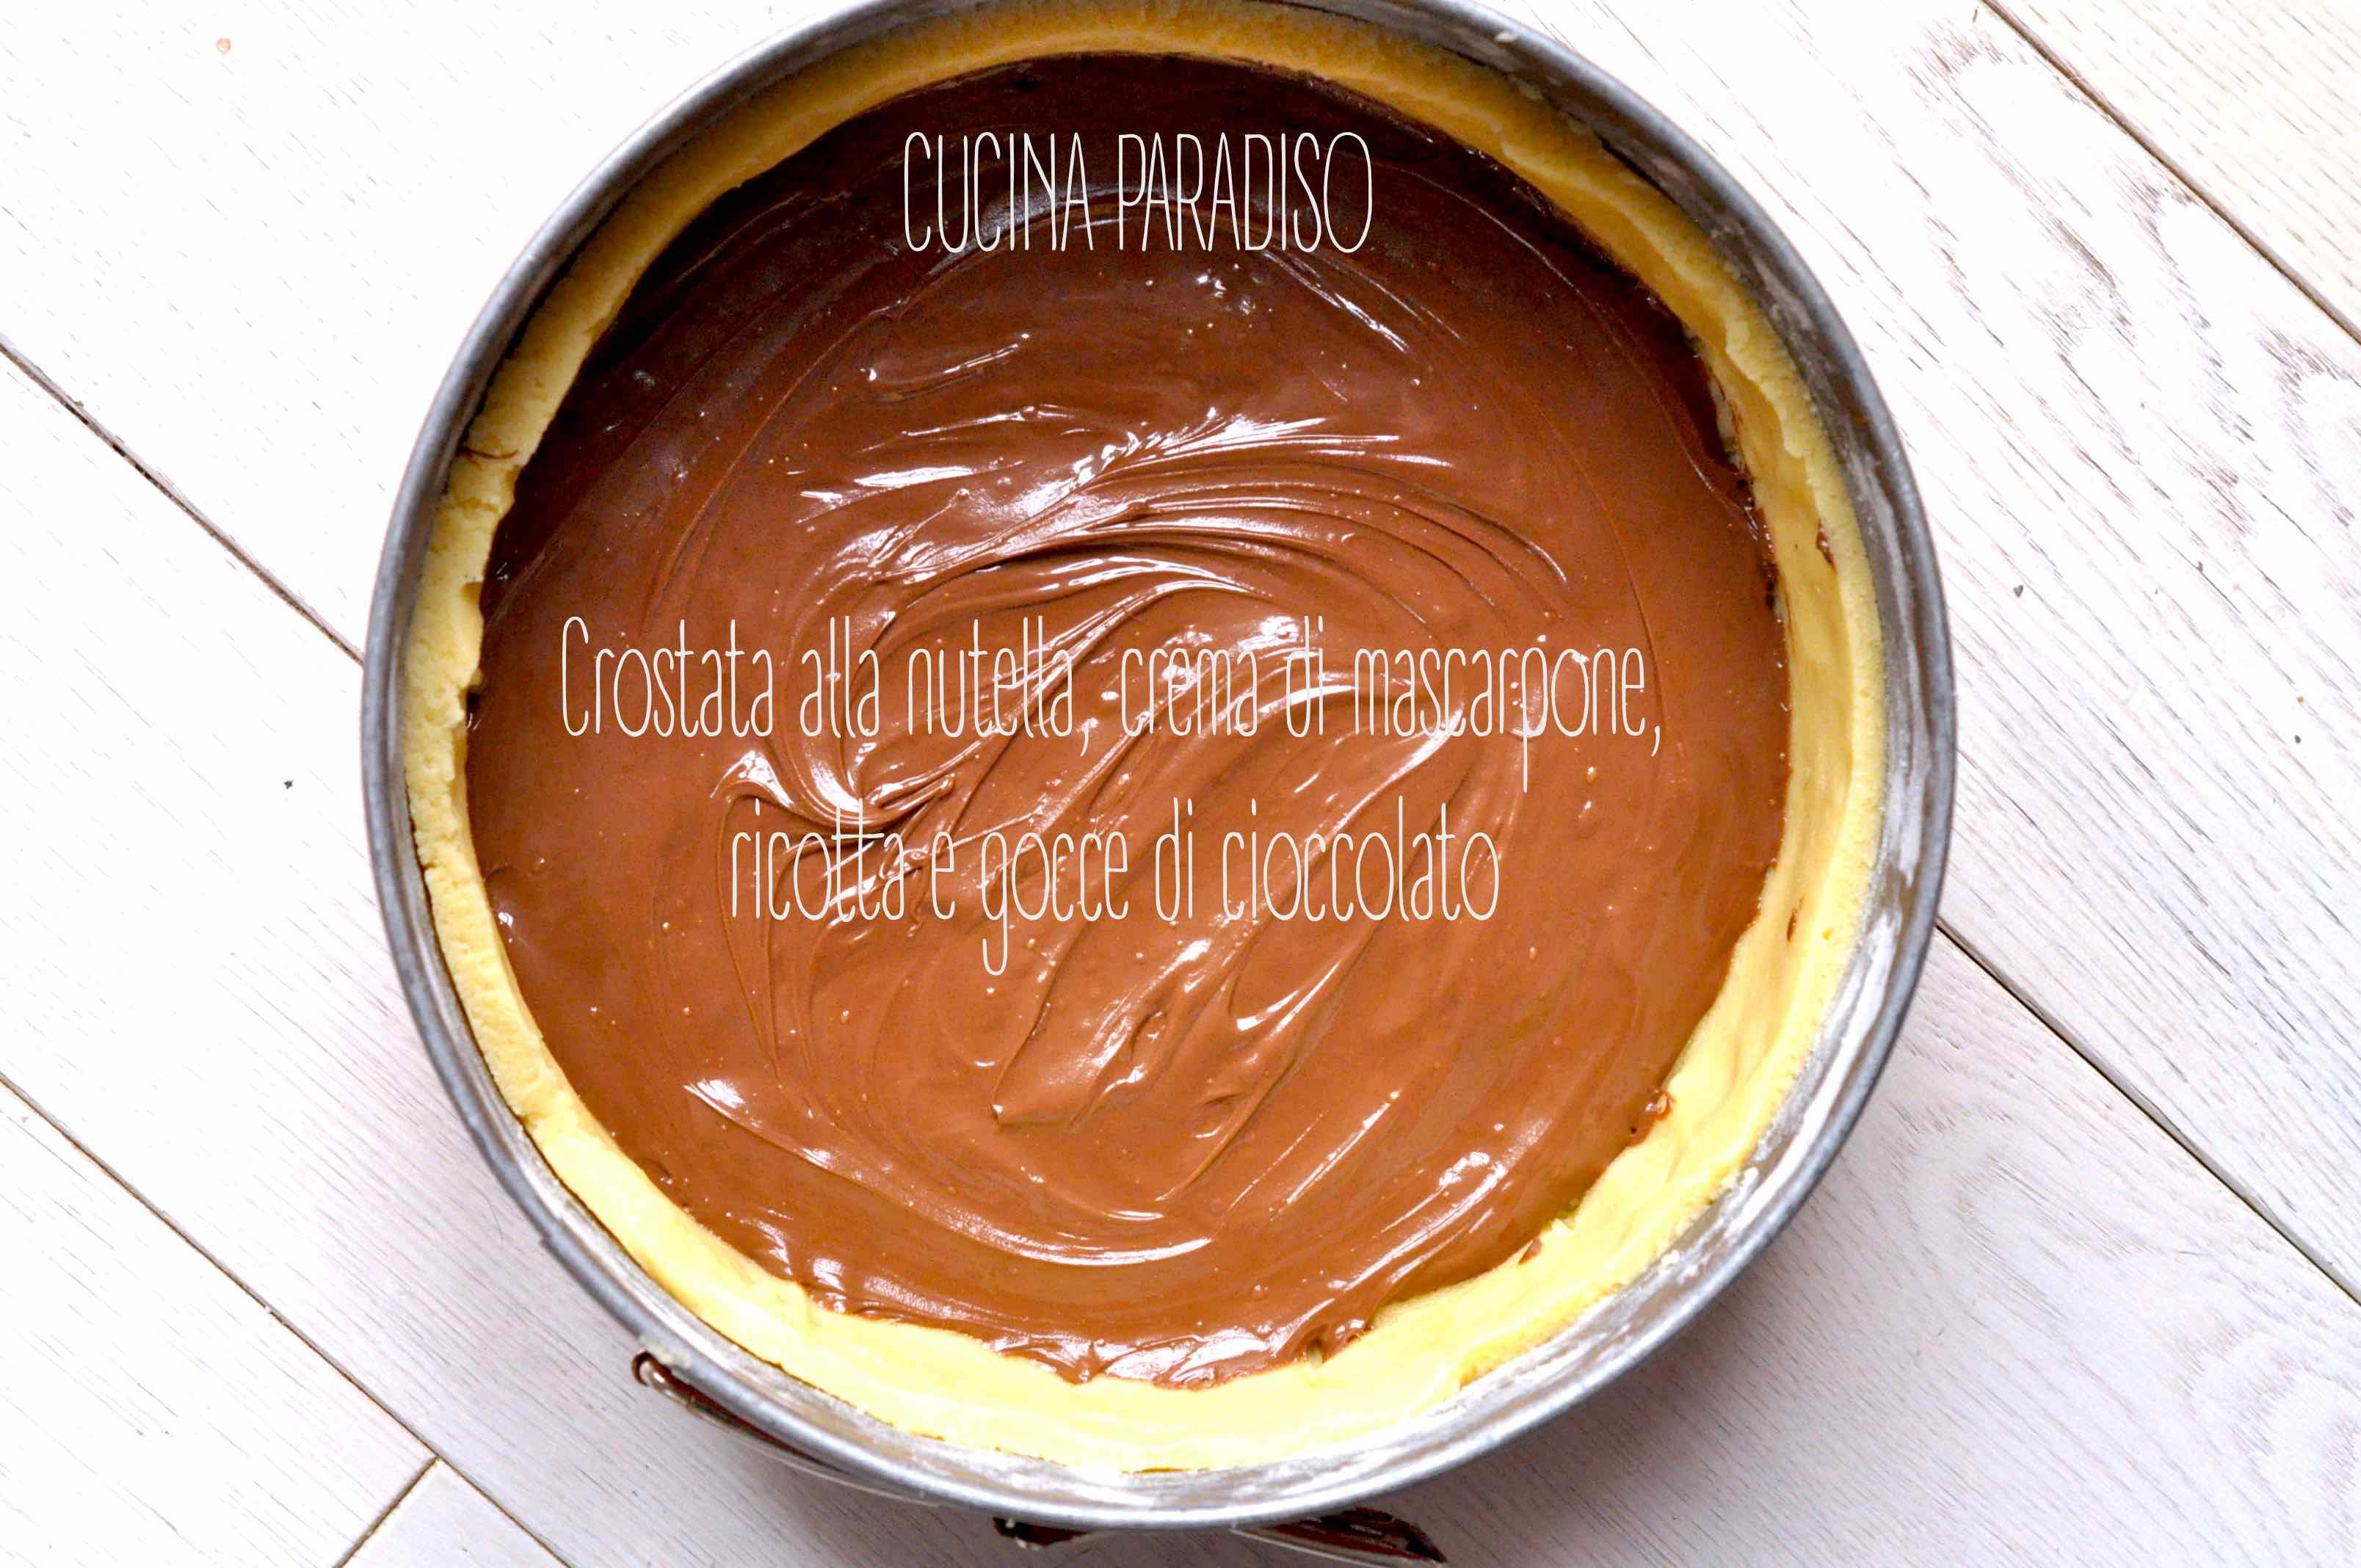 Crostata Al Mascarpone Ricotta E Nutella Cucina Paradiso